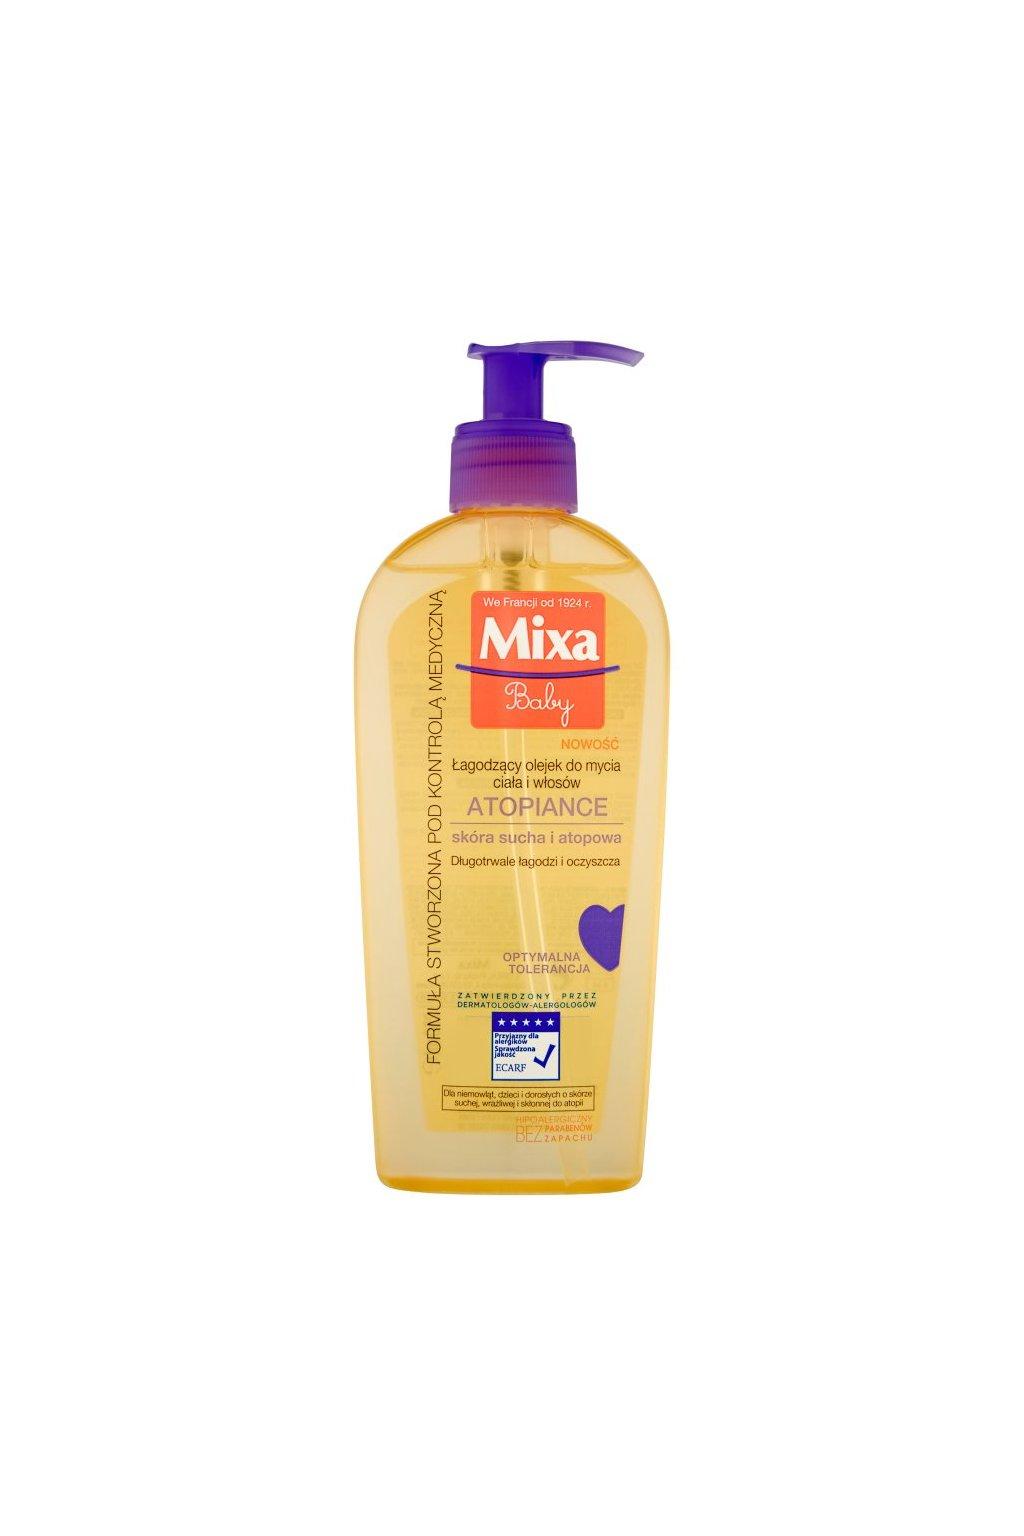 mixa atopiance zklidnujici telový a vlasovy olej pro velmi suchou citlivou pokozku a pro pokozku se sklony k atopii